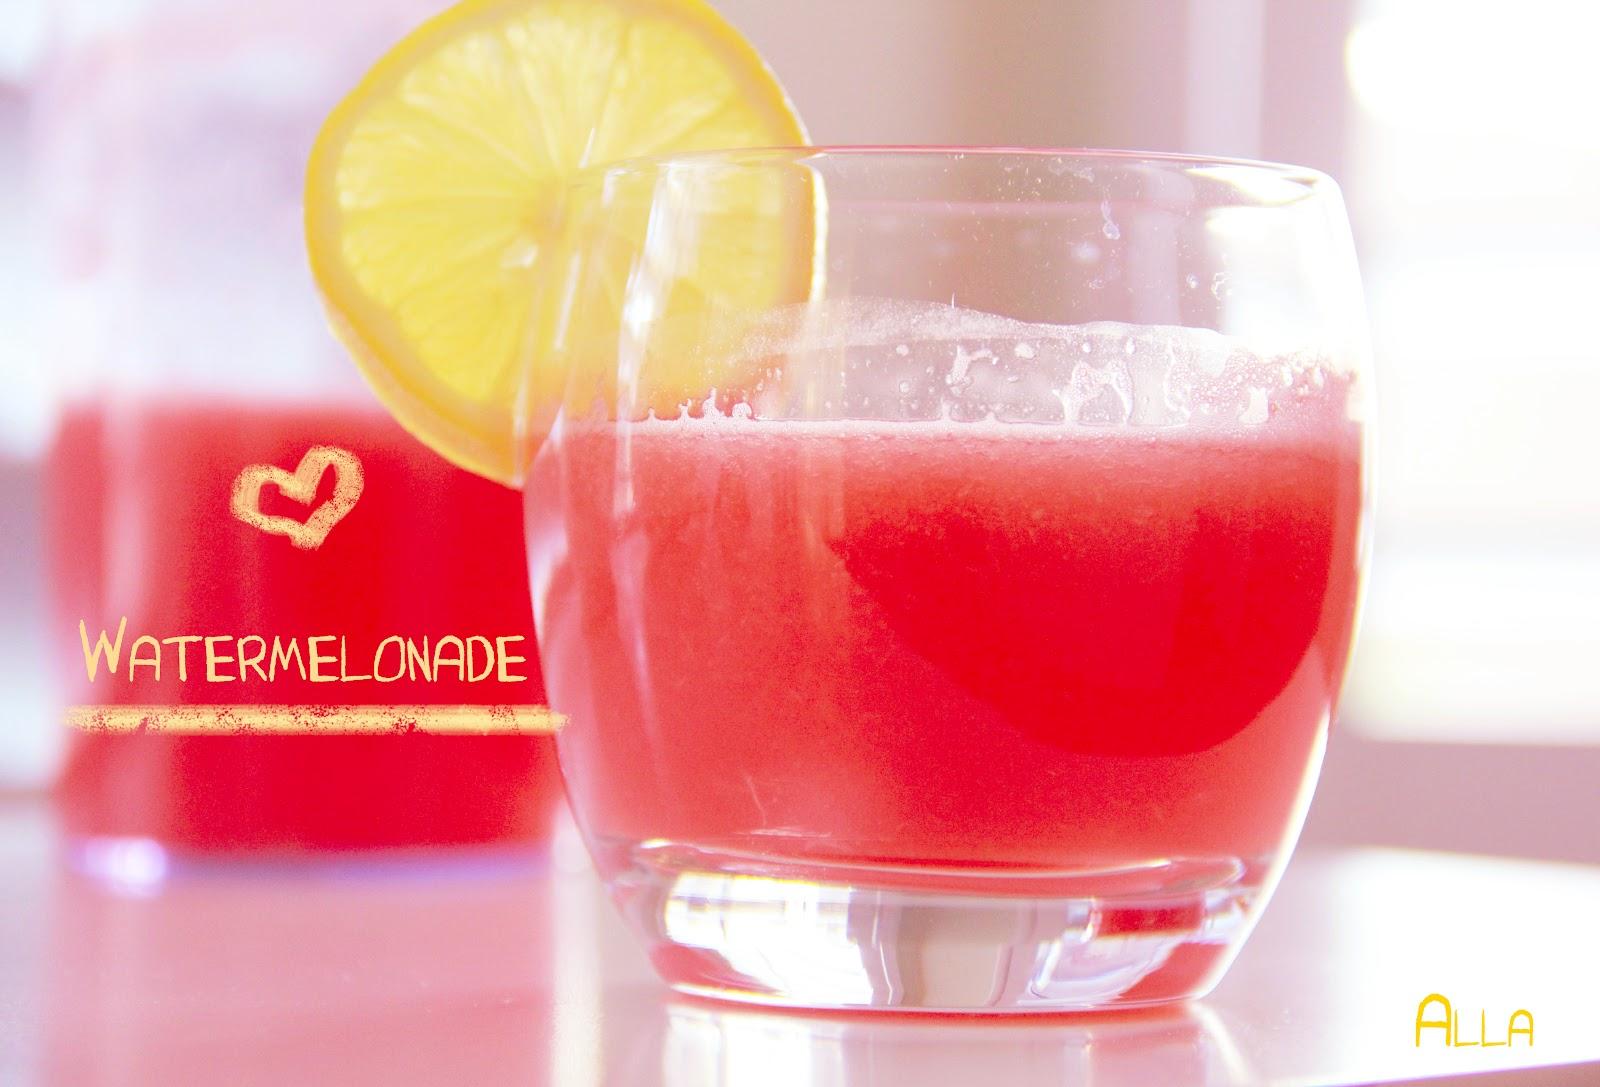 miss kay watermelonade # omfg # watermelonade # kirks watermelonade ...